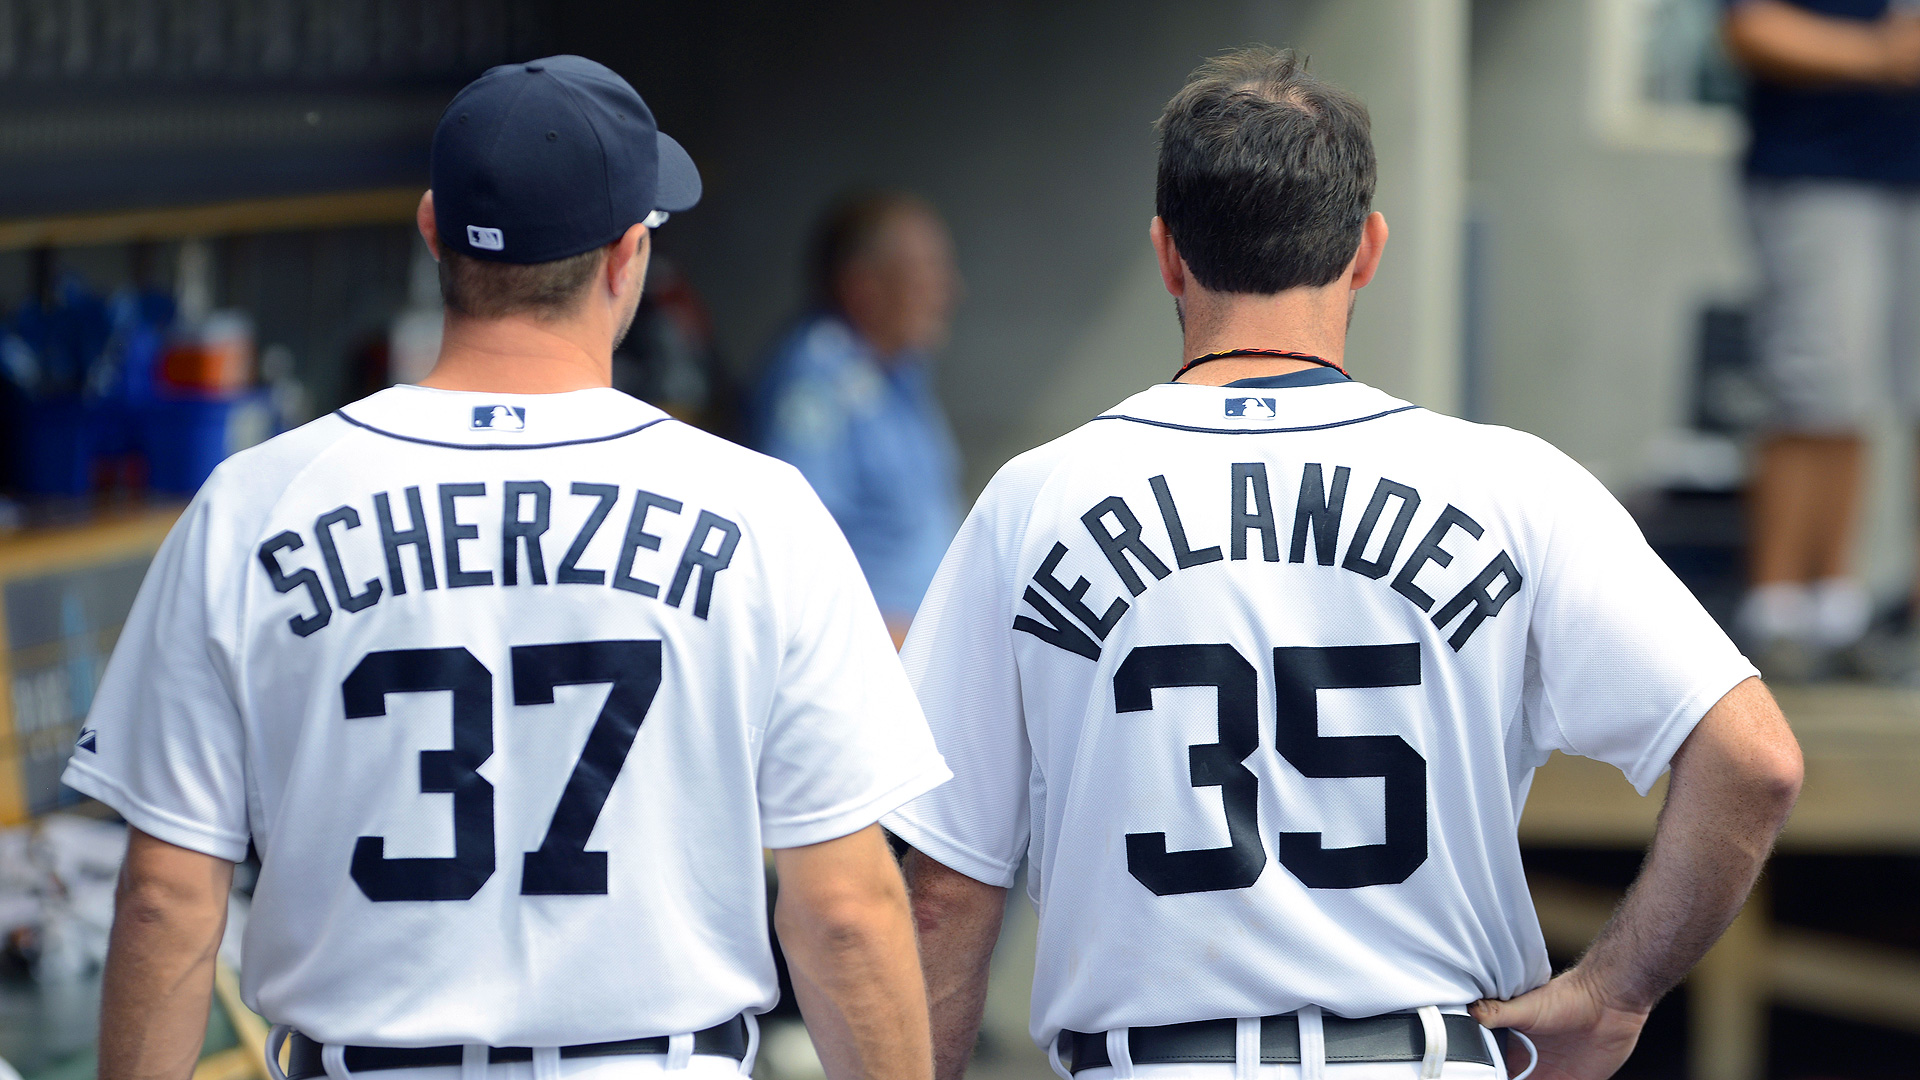 MLB Scherzer Verlander